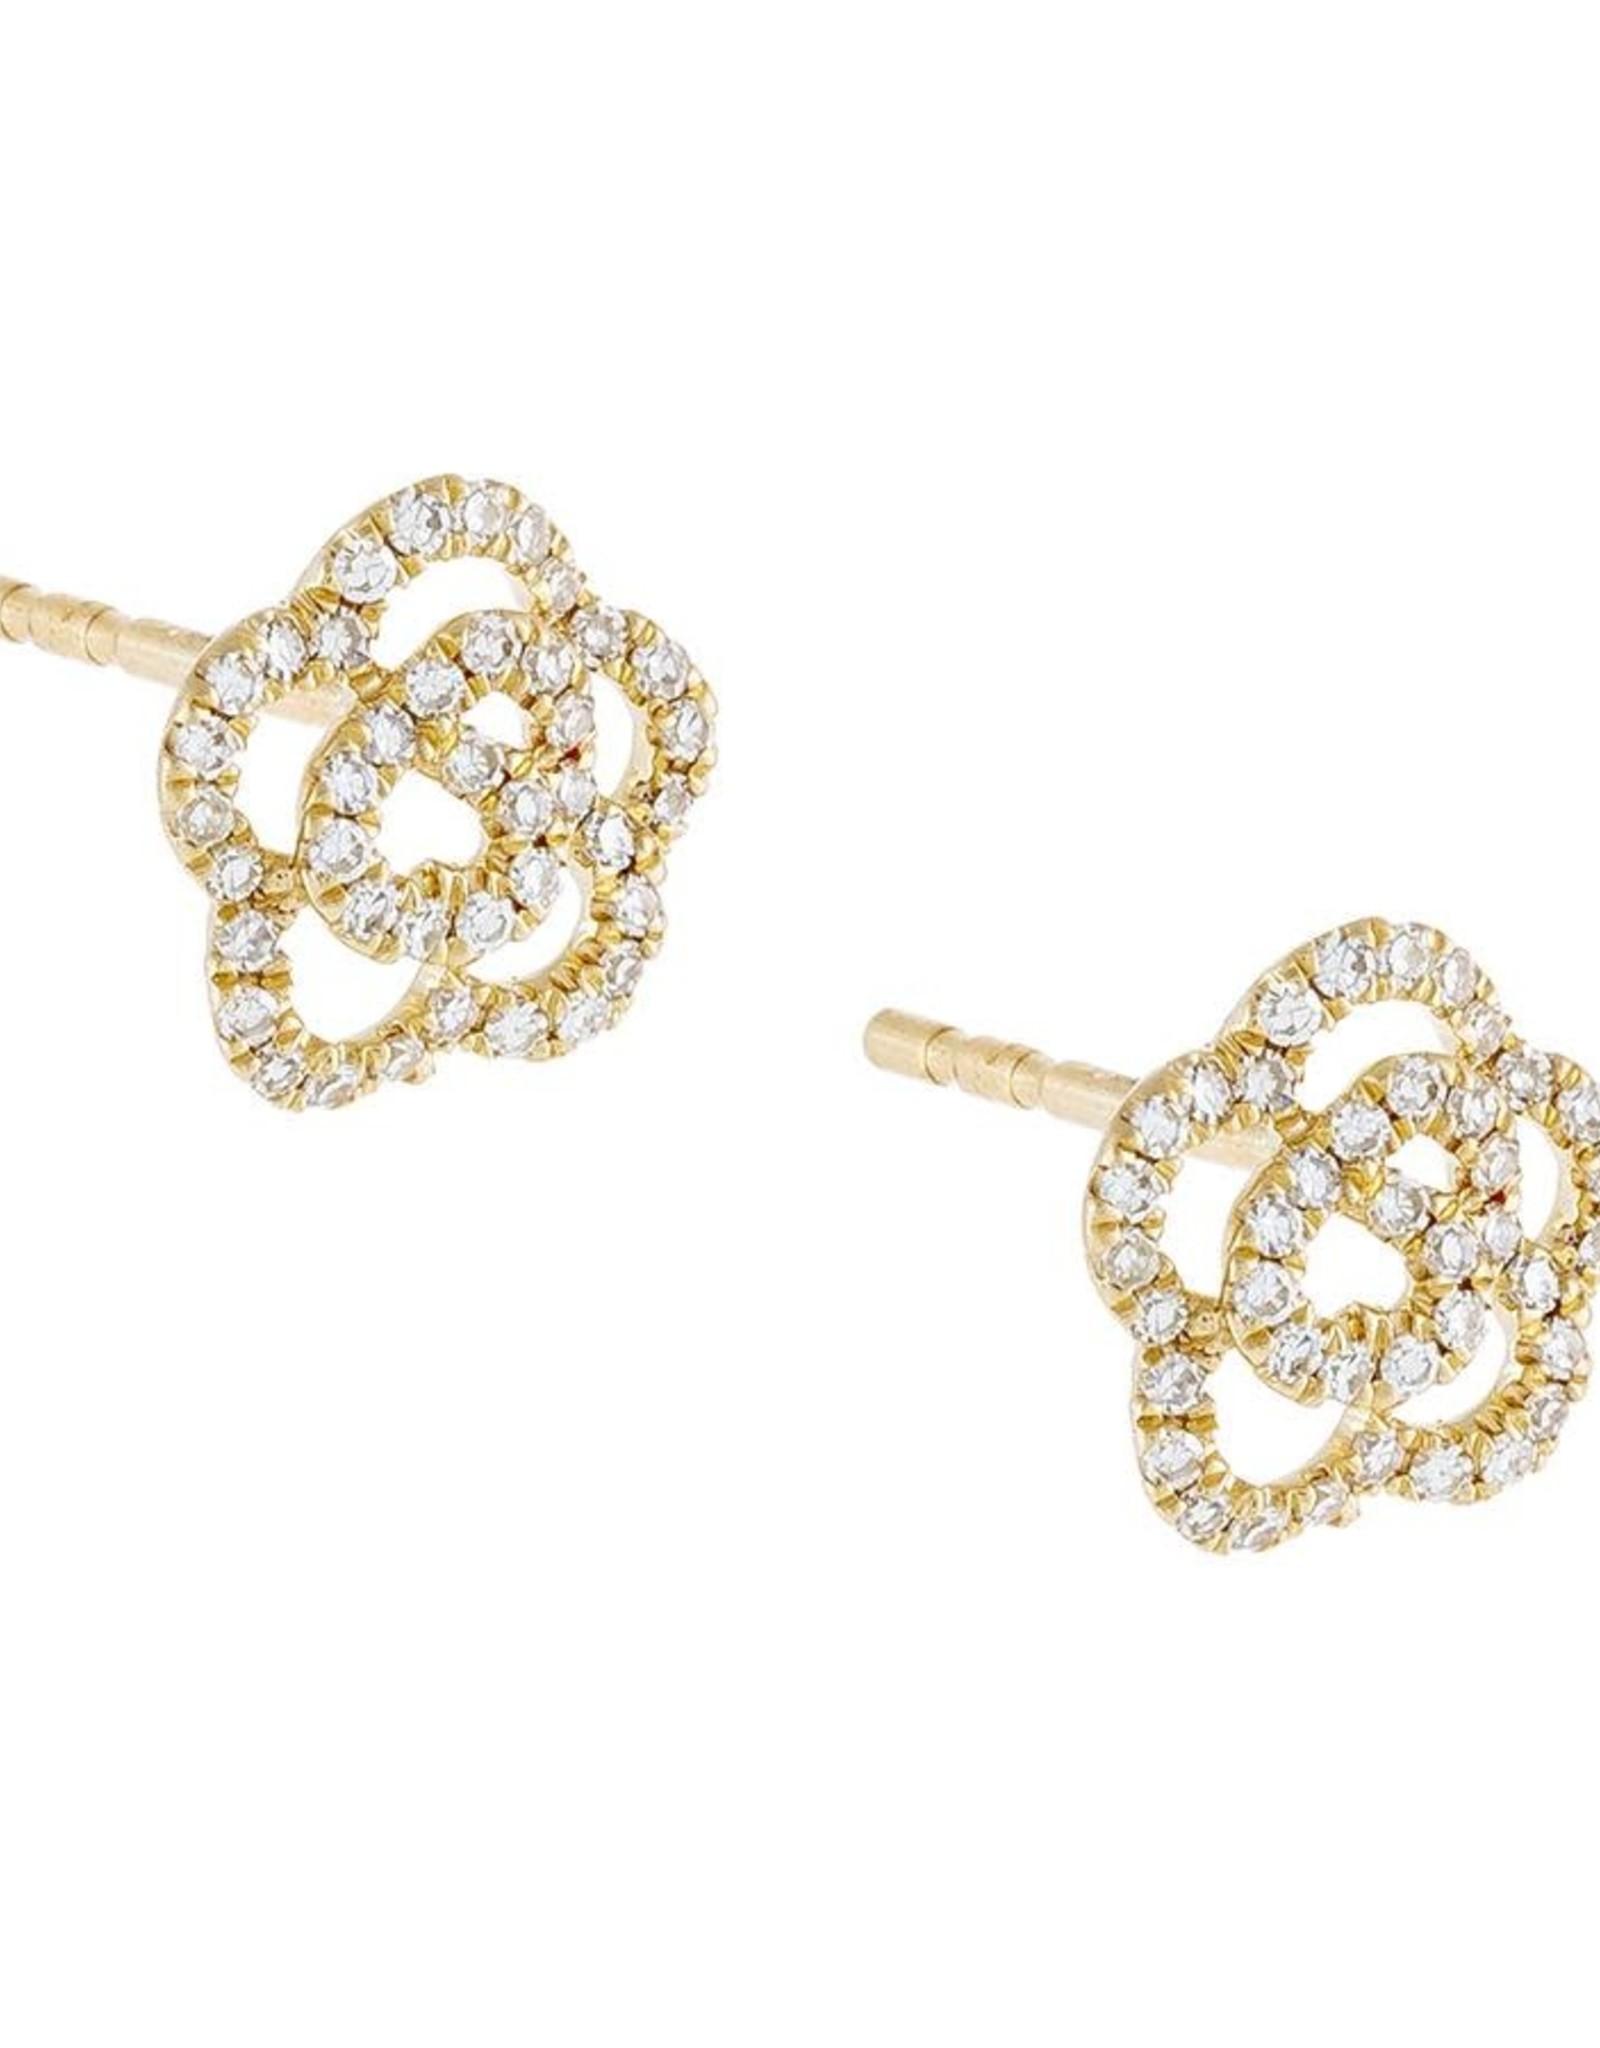 Adinas Diamond Rose Flower Stud Earrings 14K